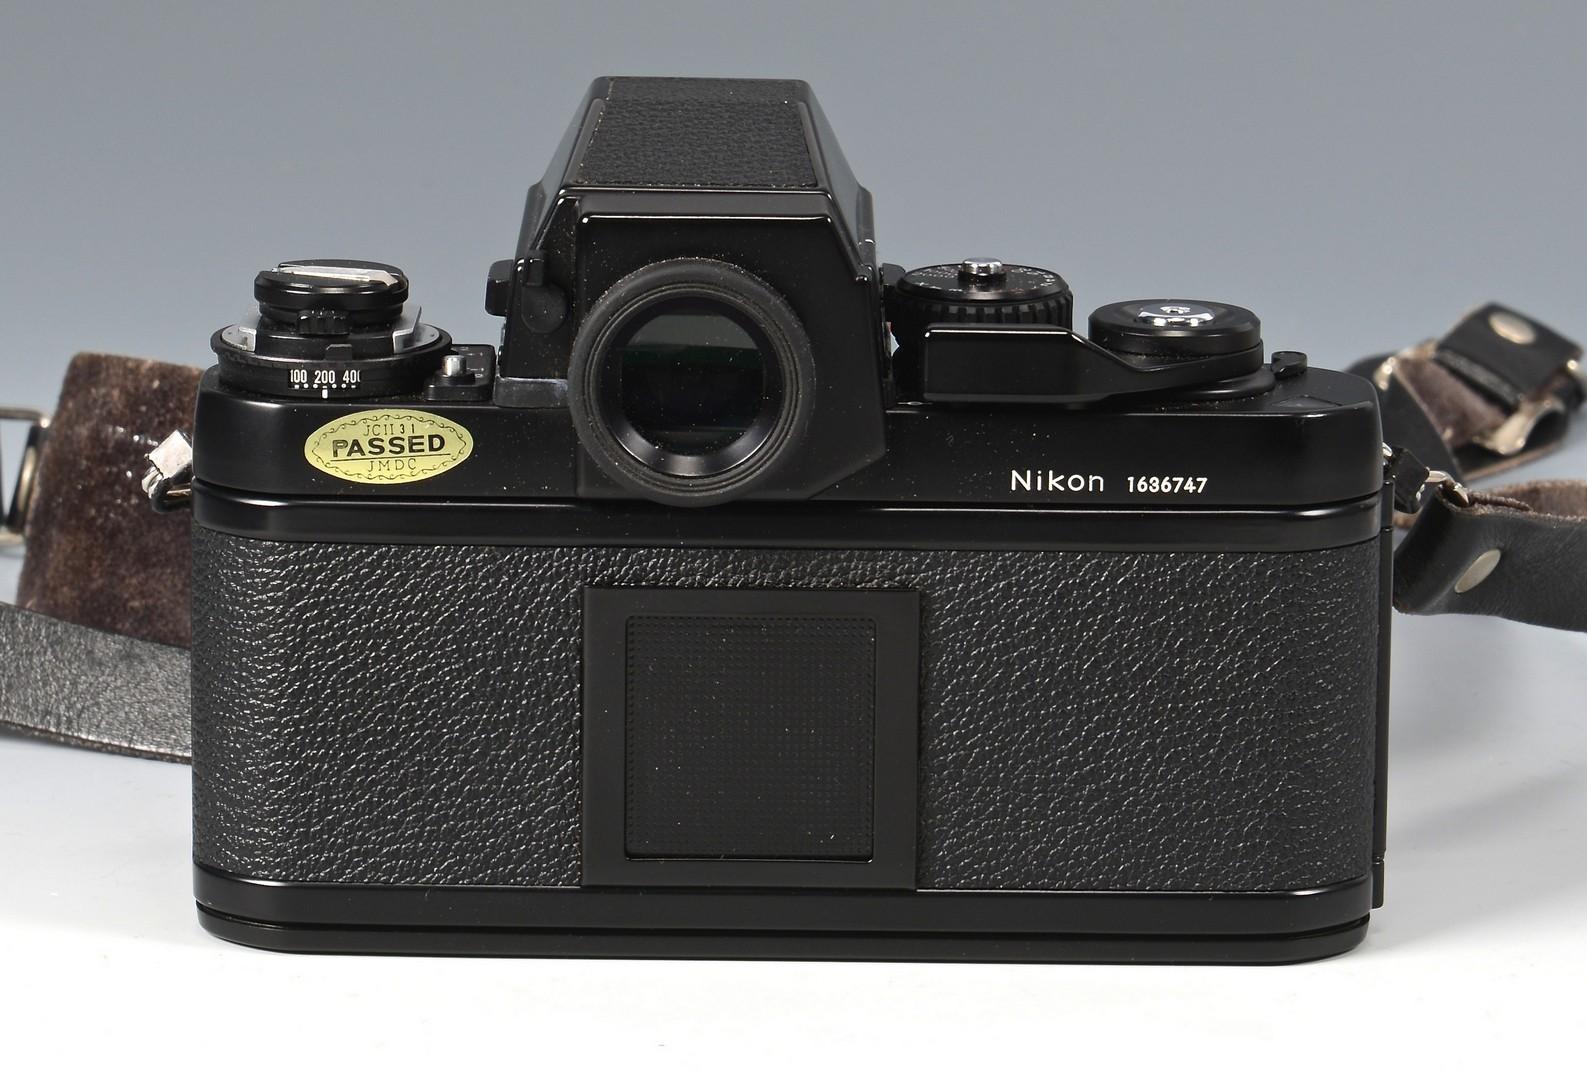 lot 838  nikon f3 camera w   accessories  u0026 manual